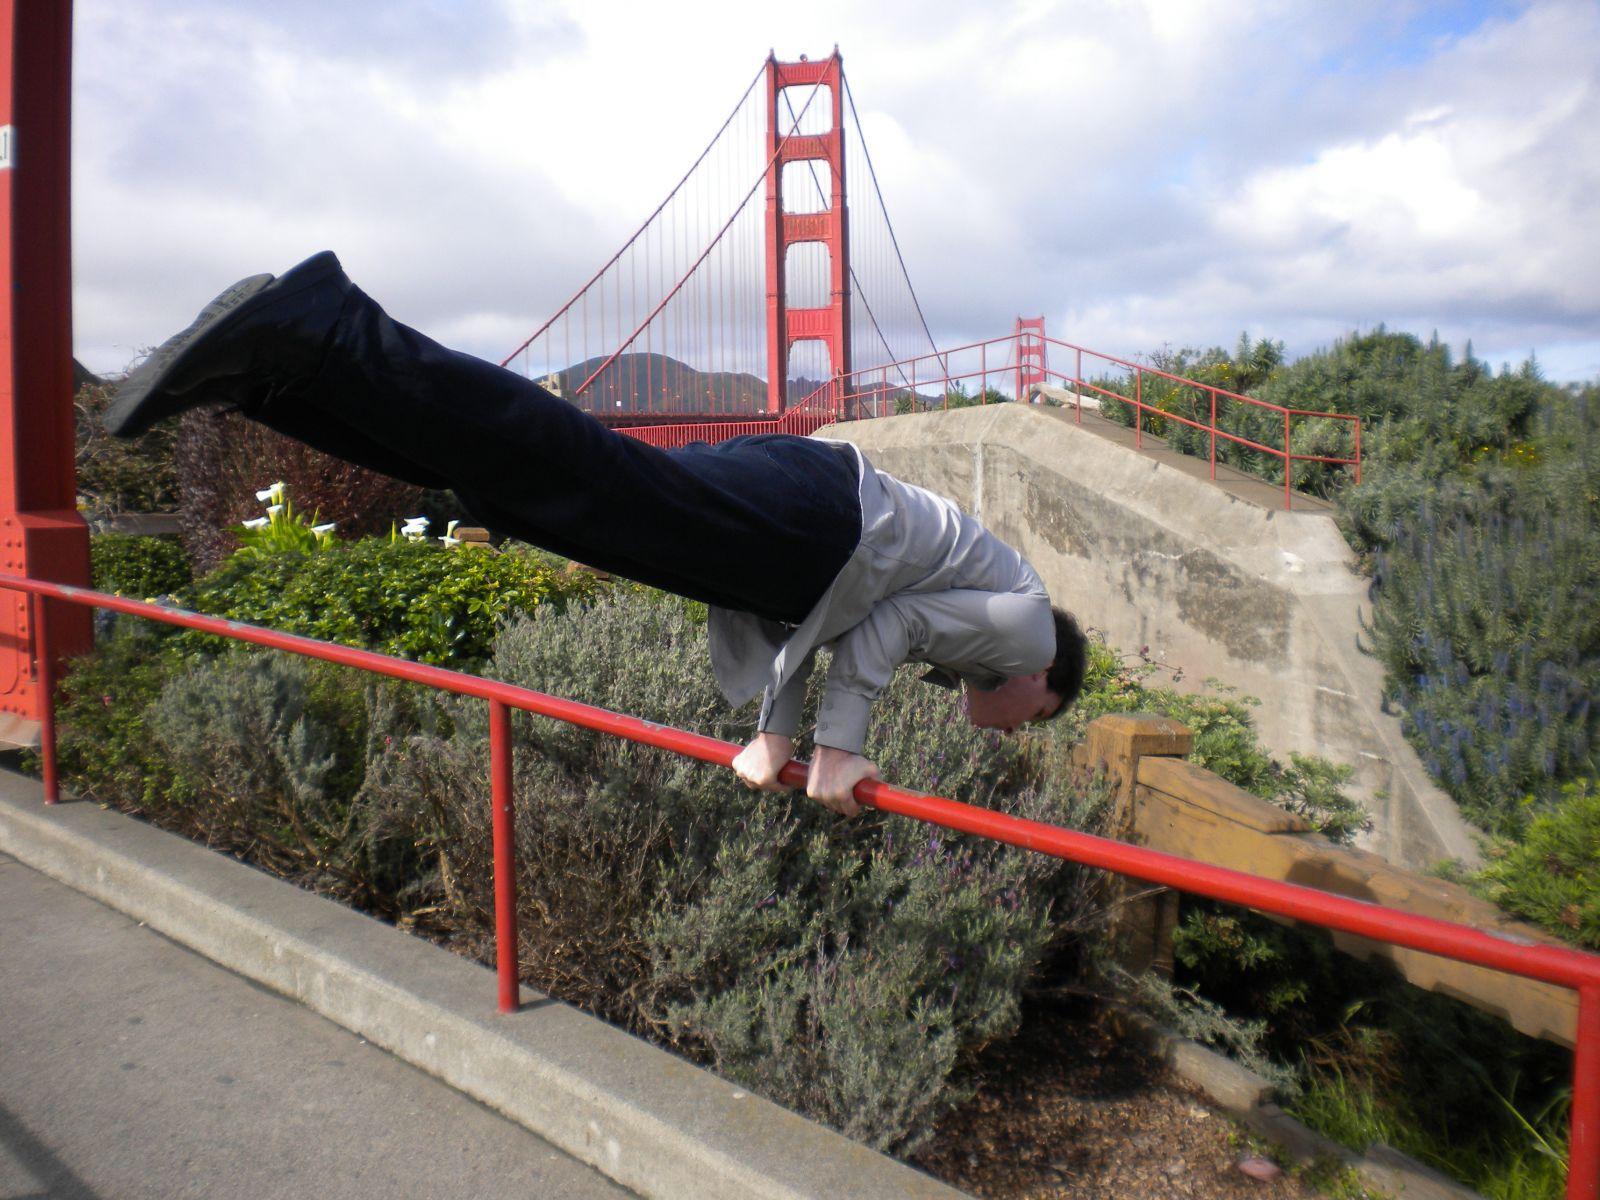 Golden Gate Bridge - Feb 10 - 1